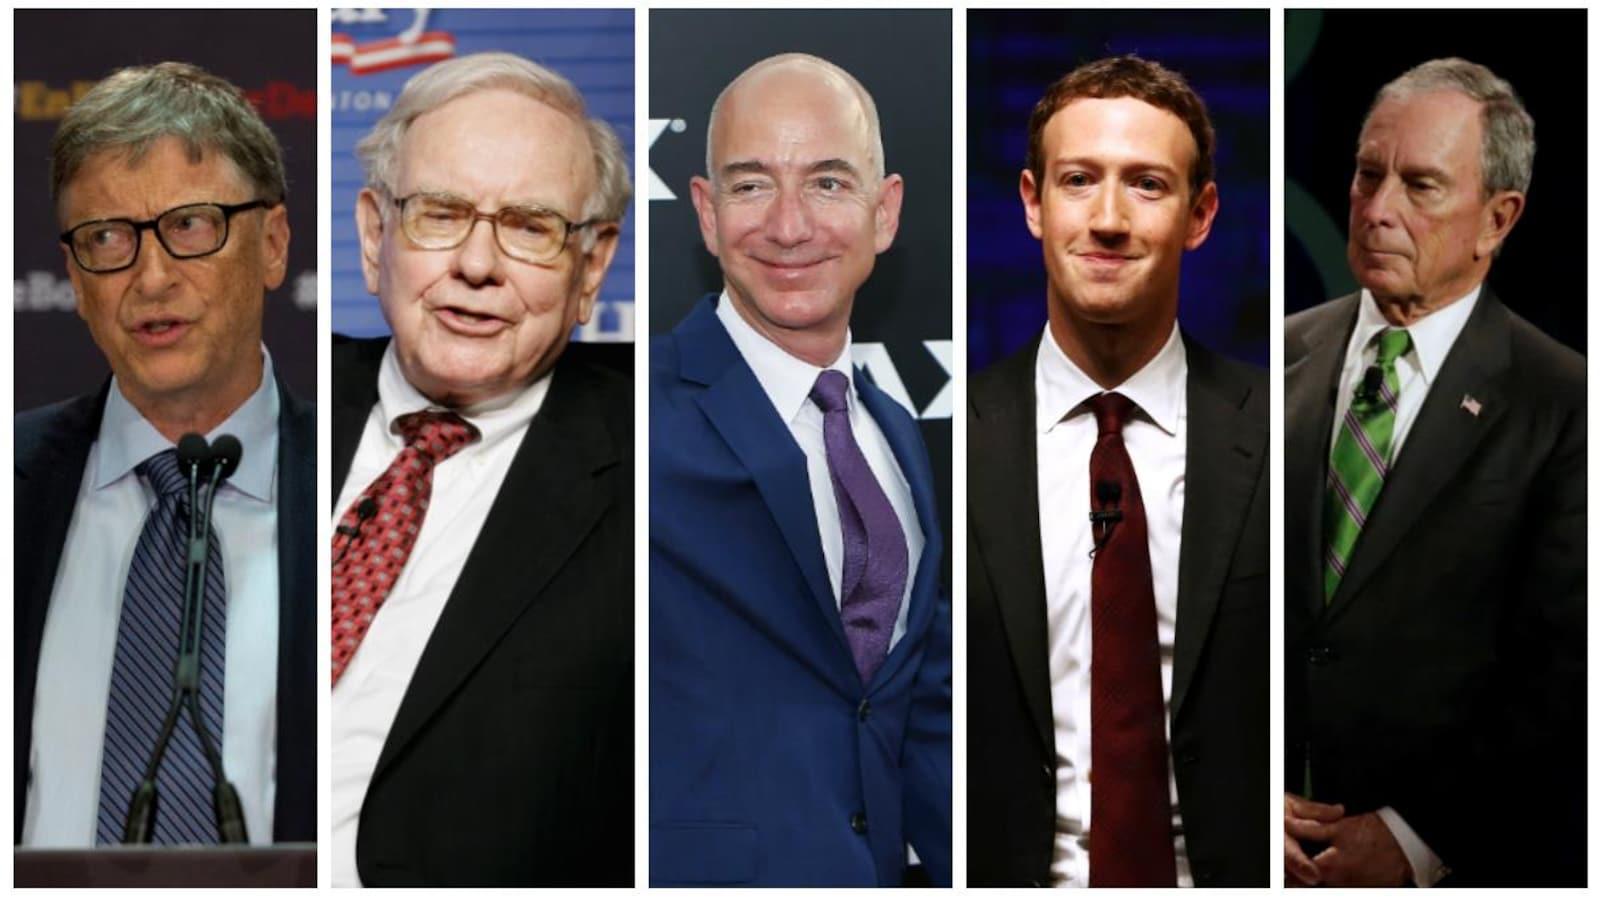 Bill Gates, Warren Buffet, Jeff Bezos, Mark Zuckerberg et Michael Bloomberg